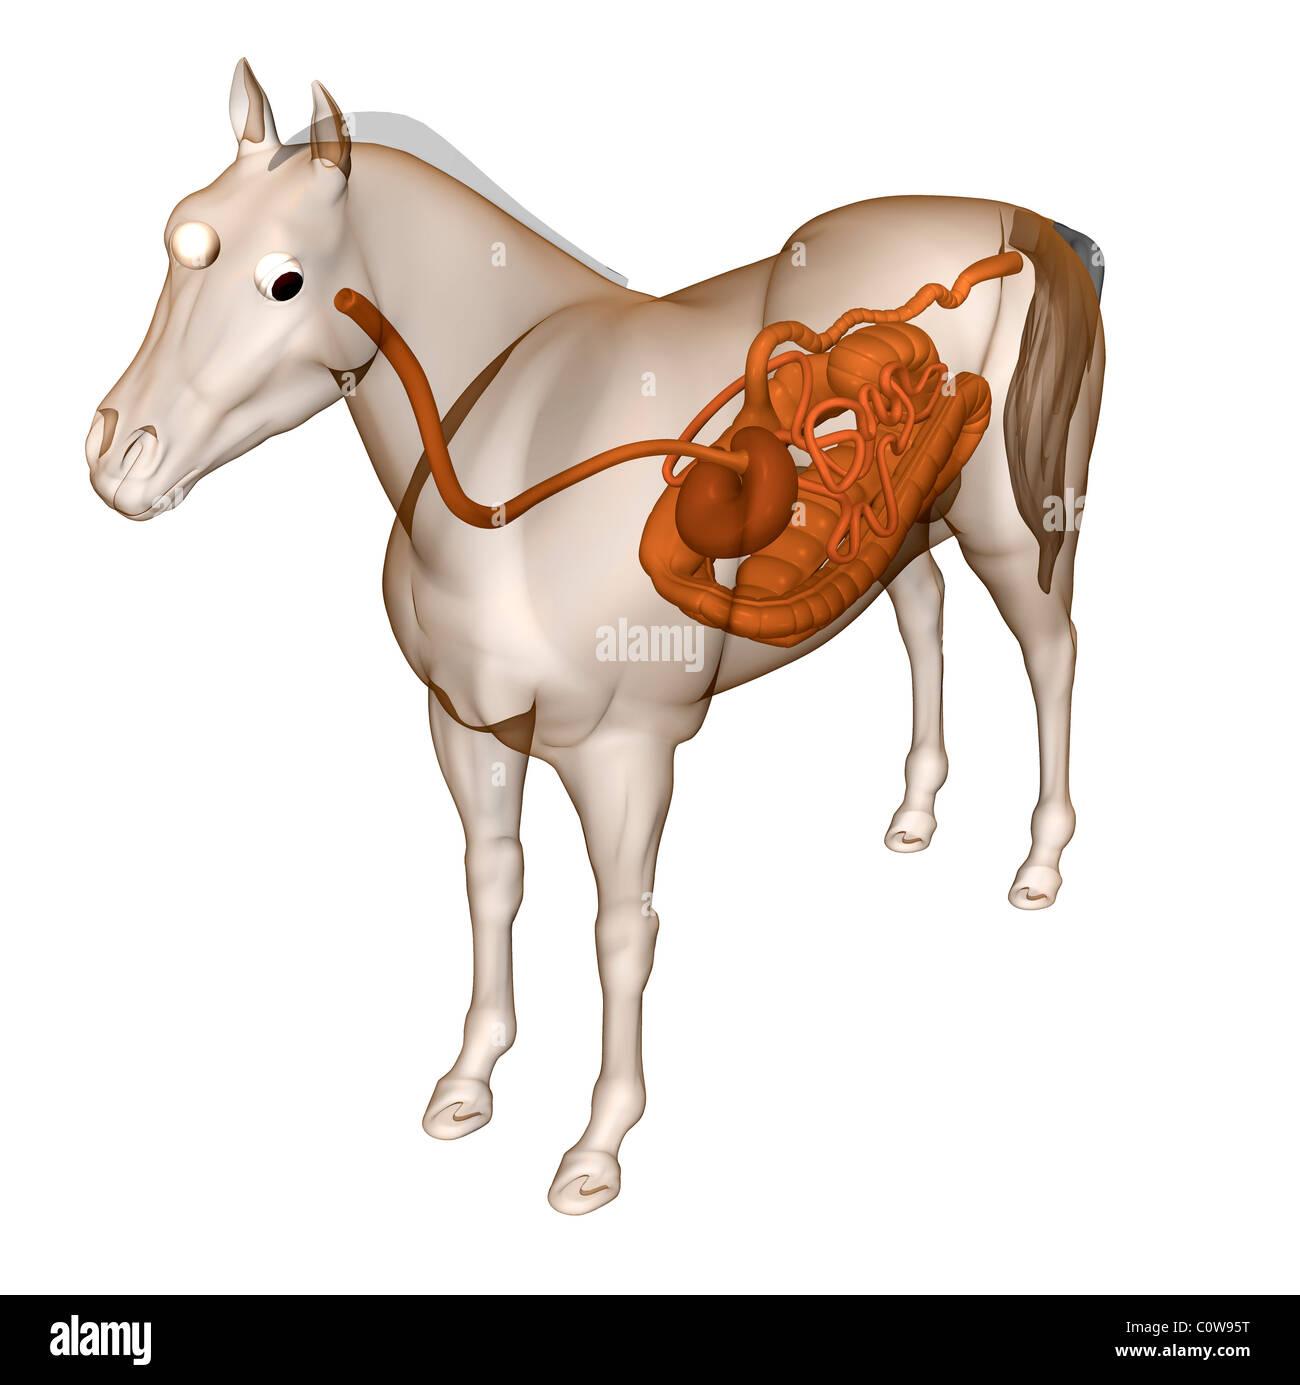 Pferd Anatomie Verdauung Magen Mut-Darm-Trakt Zwölffingerdarm ...